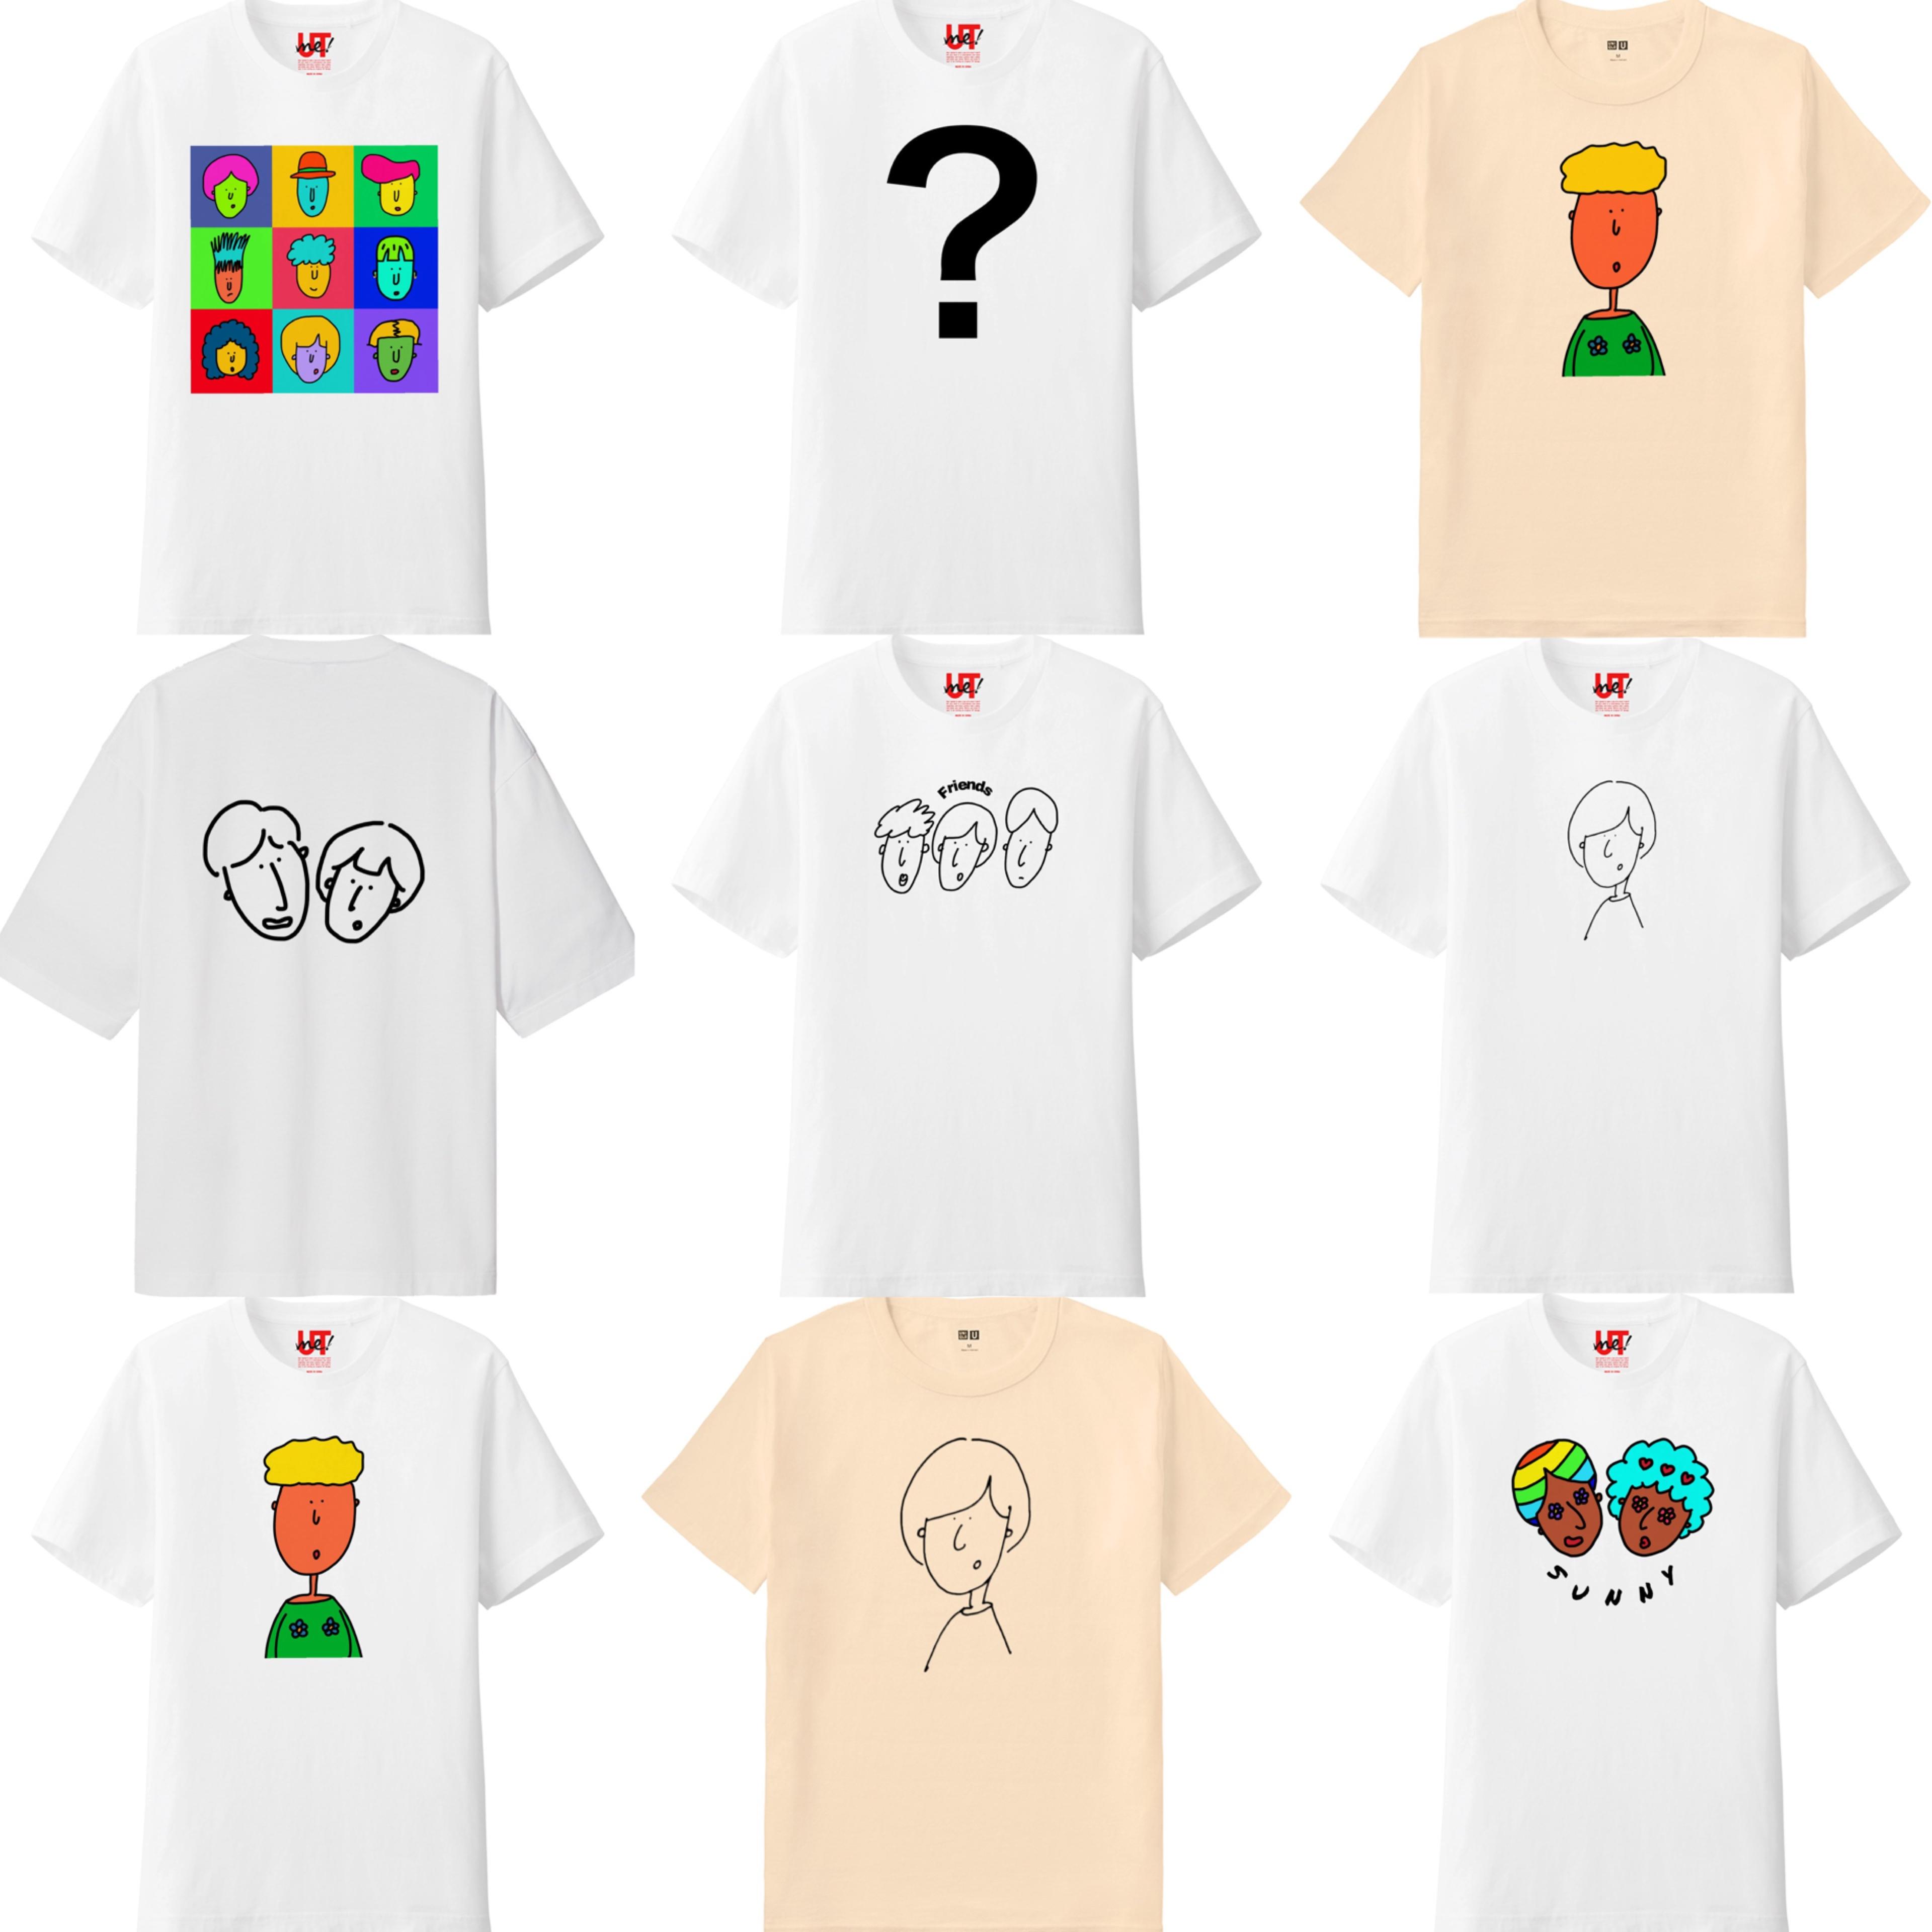 beep × PONA 個性あふれるT シャツが勢揃い♪